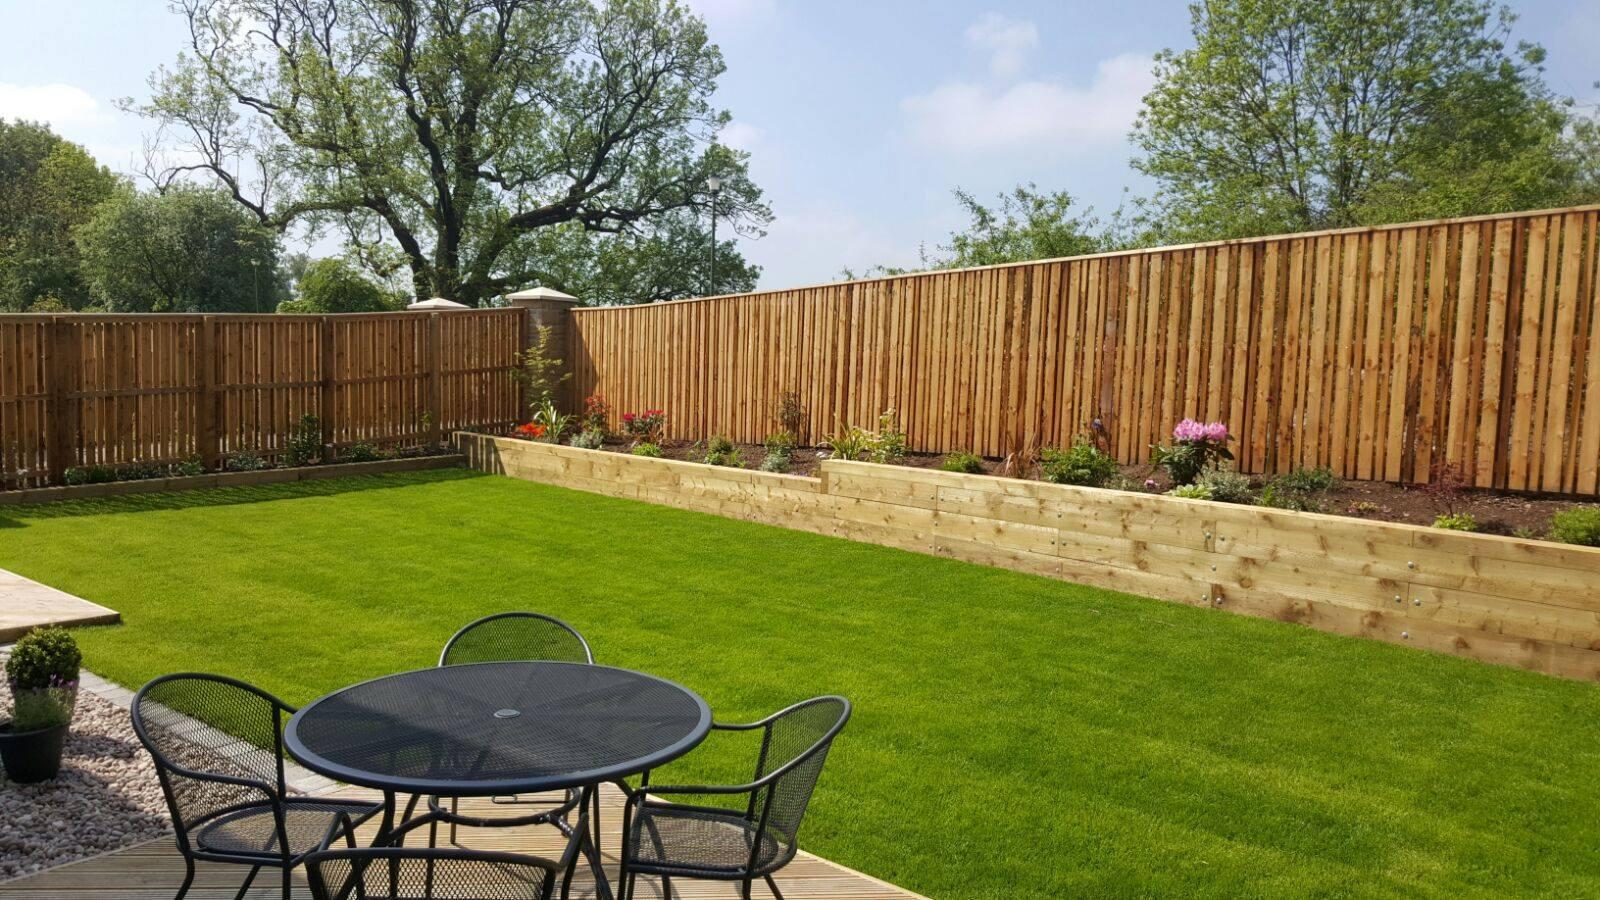 Rukeri | Turf, Soil, Garden & Landscaping Suppliers | Glasgow & UK